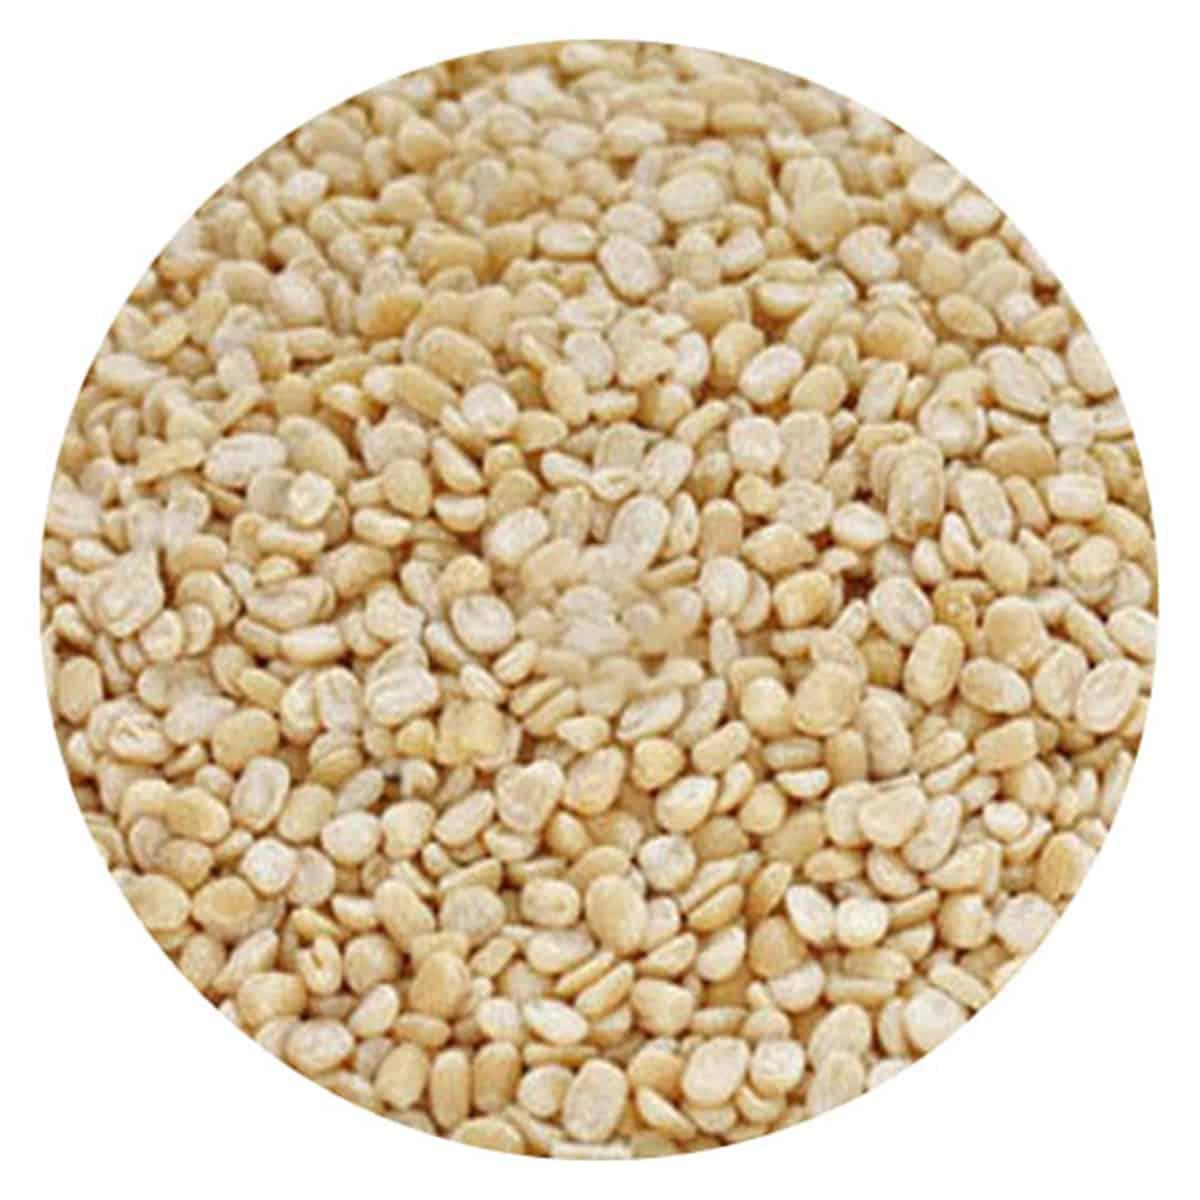 Buy IAG Foods Urad Dal (Split Black Gram without Skin & Husked) - 1 kg